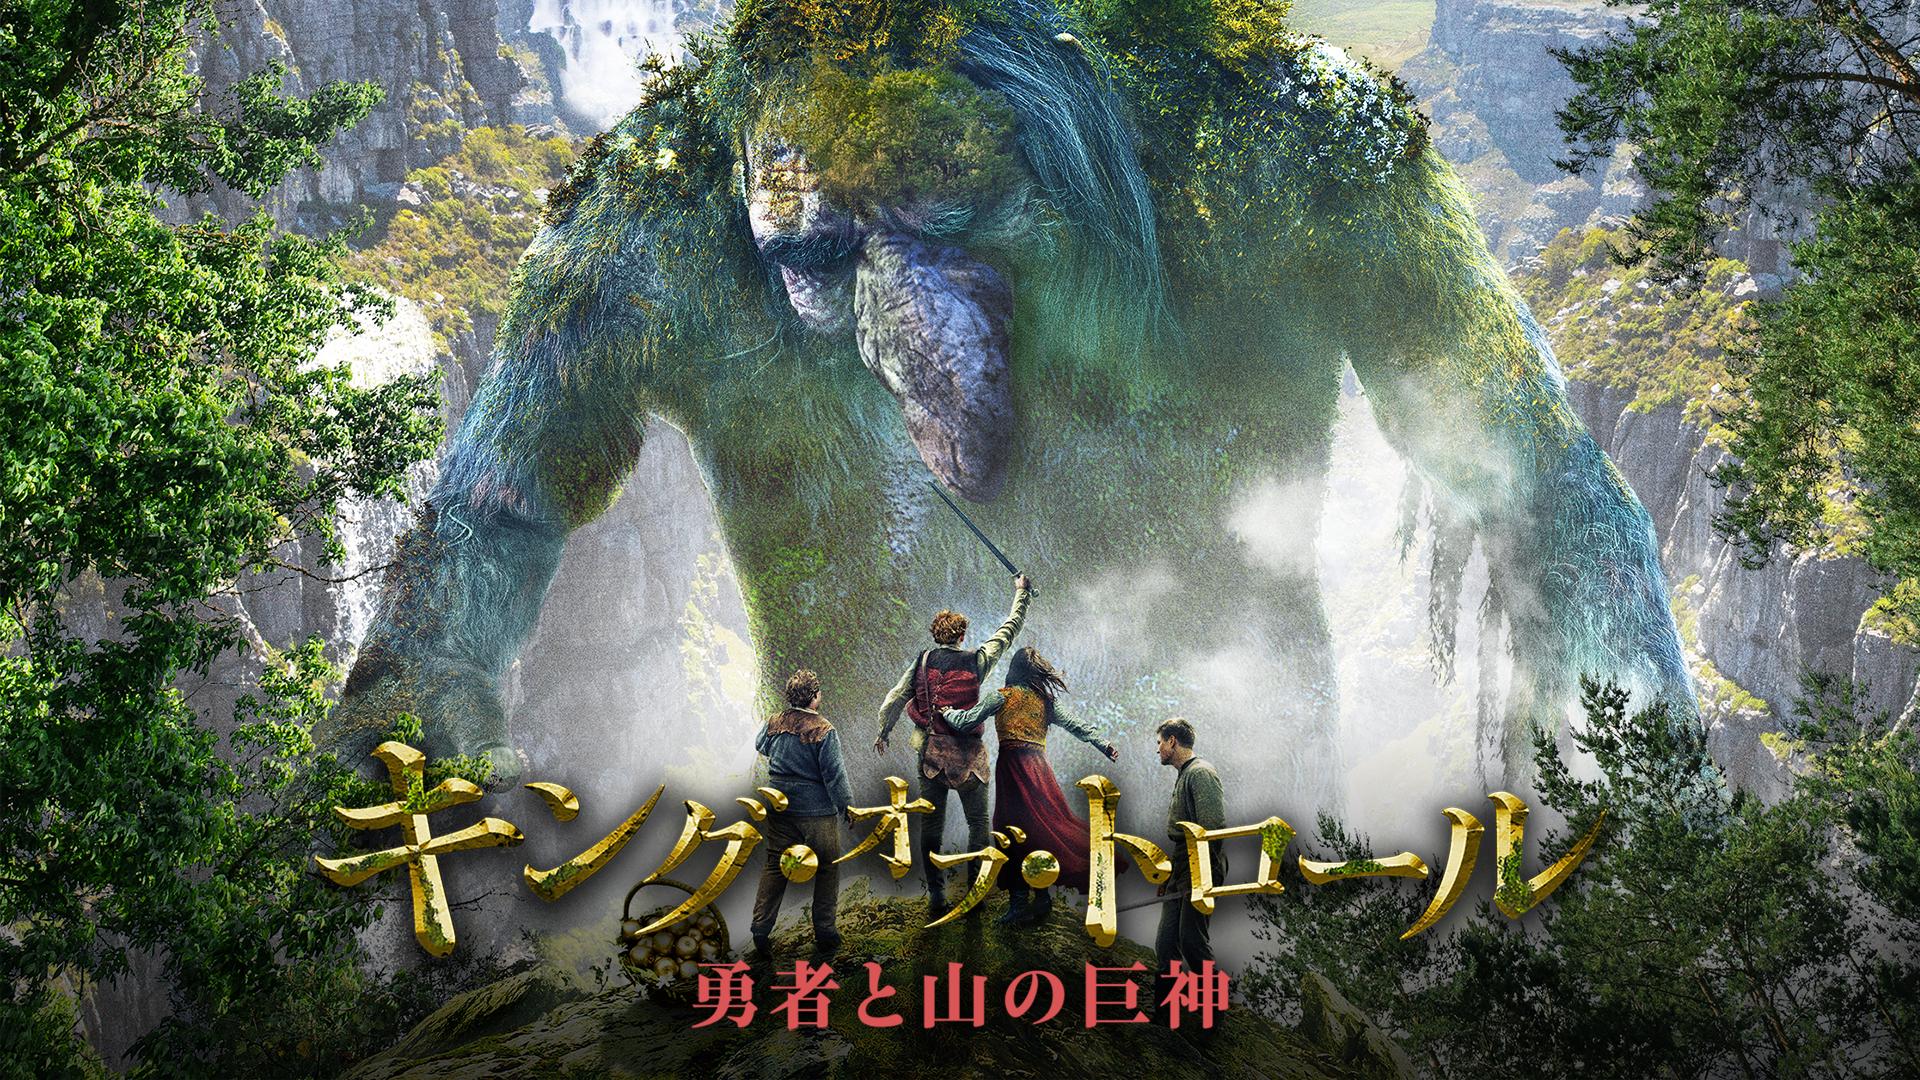 キング・オブ・トロール 勇者と山の巨神動画